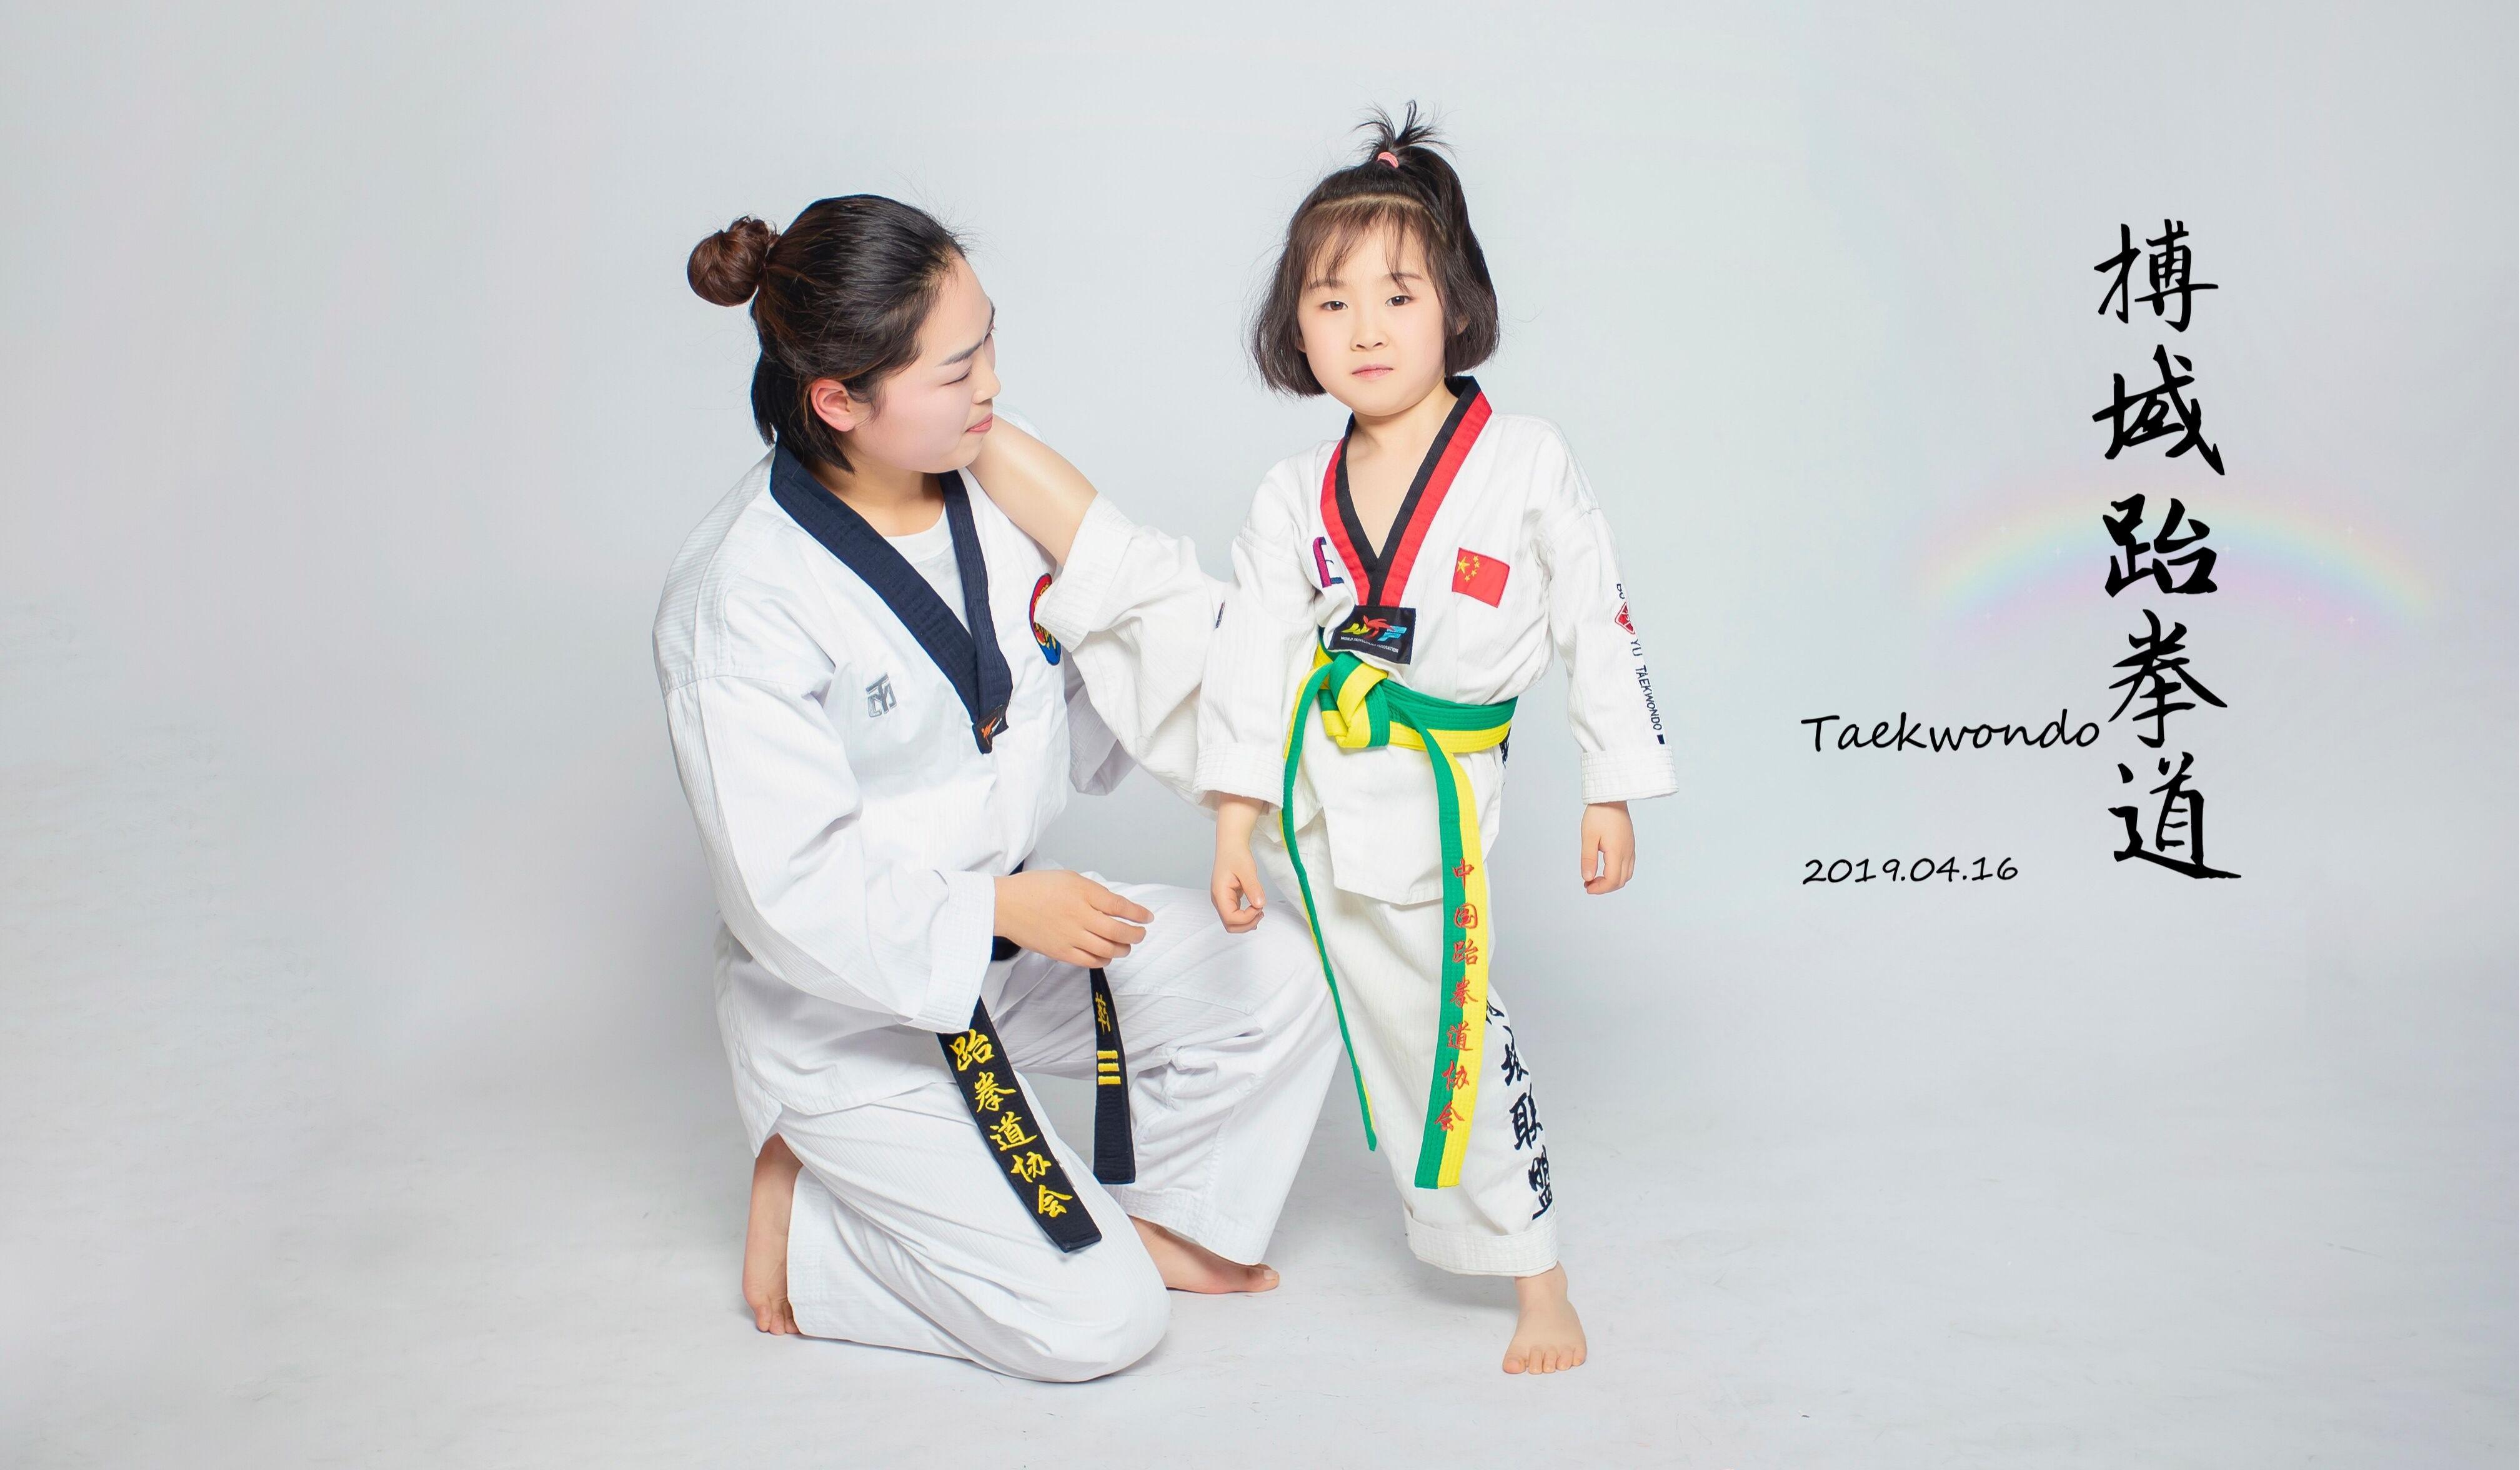 学好跆拳道,妈妈的安全我来守护!